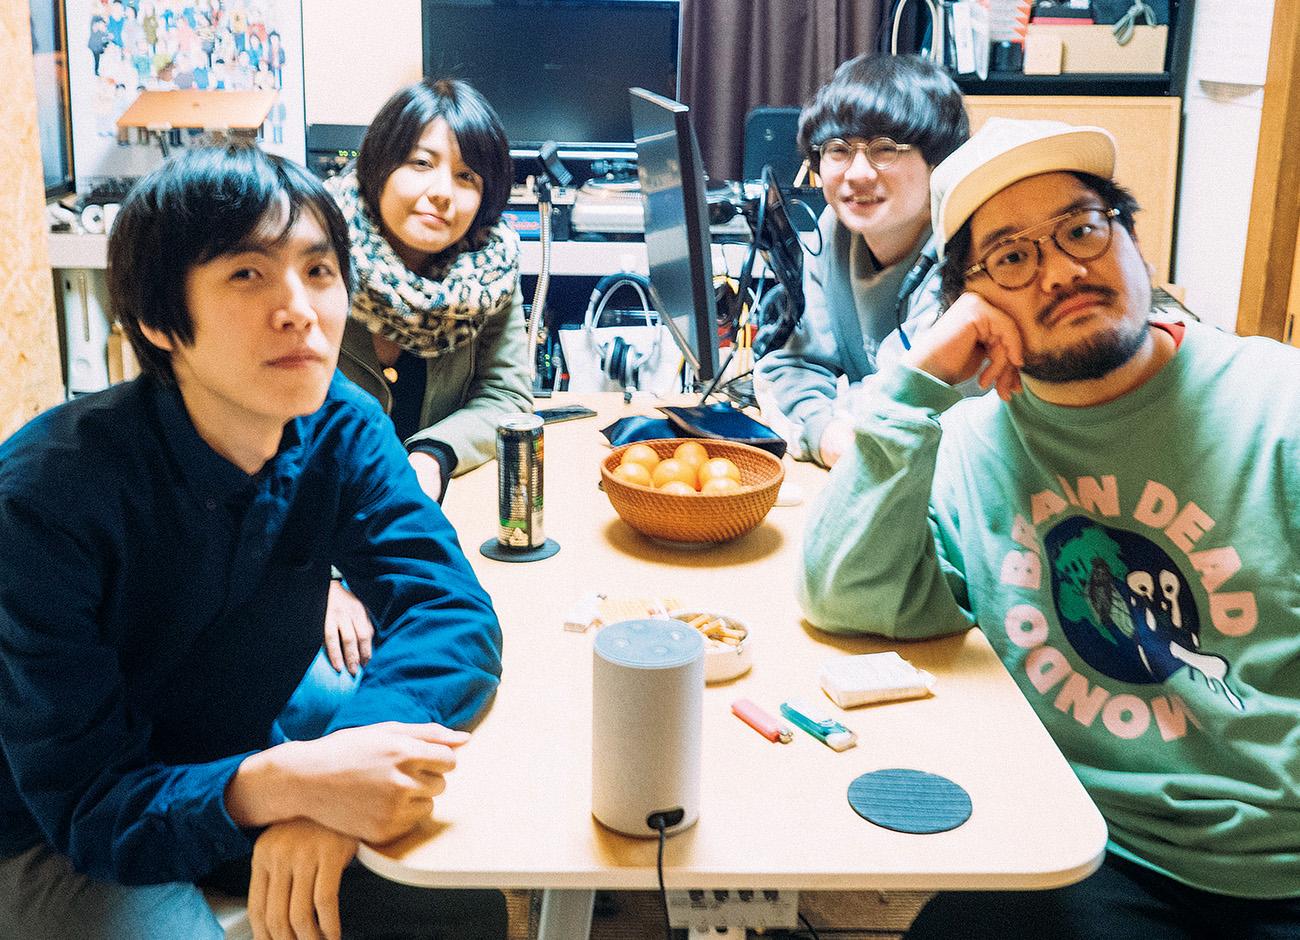 ポッドキャスト『radioDTM』カネコヨウヘイ、中馬祥子、岩橋康太、佐藤ナウ